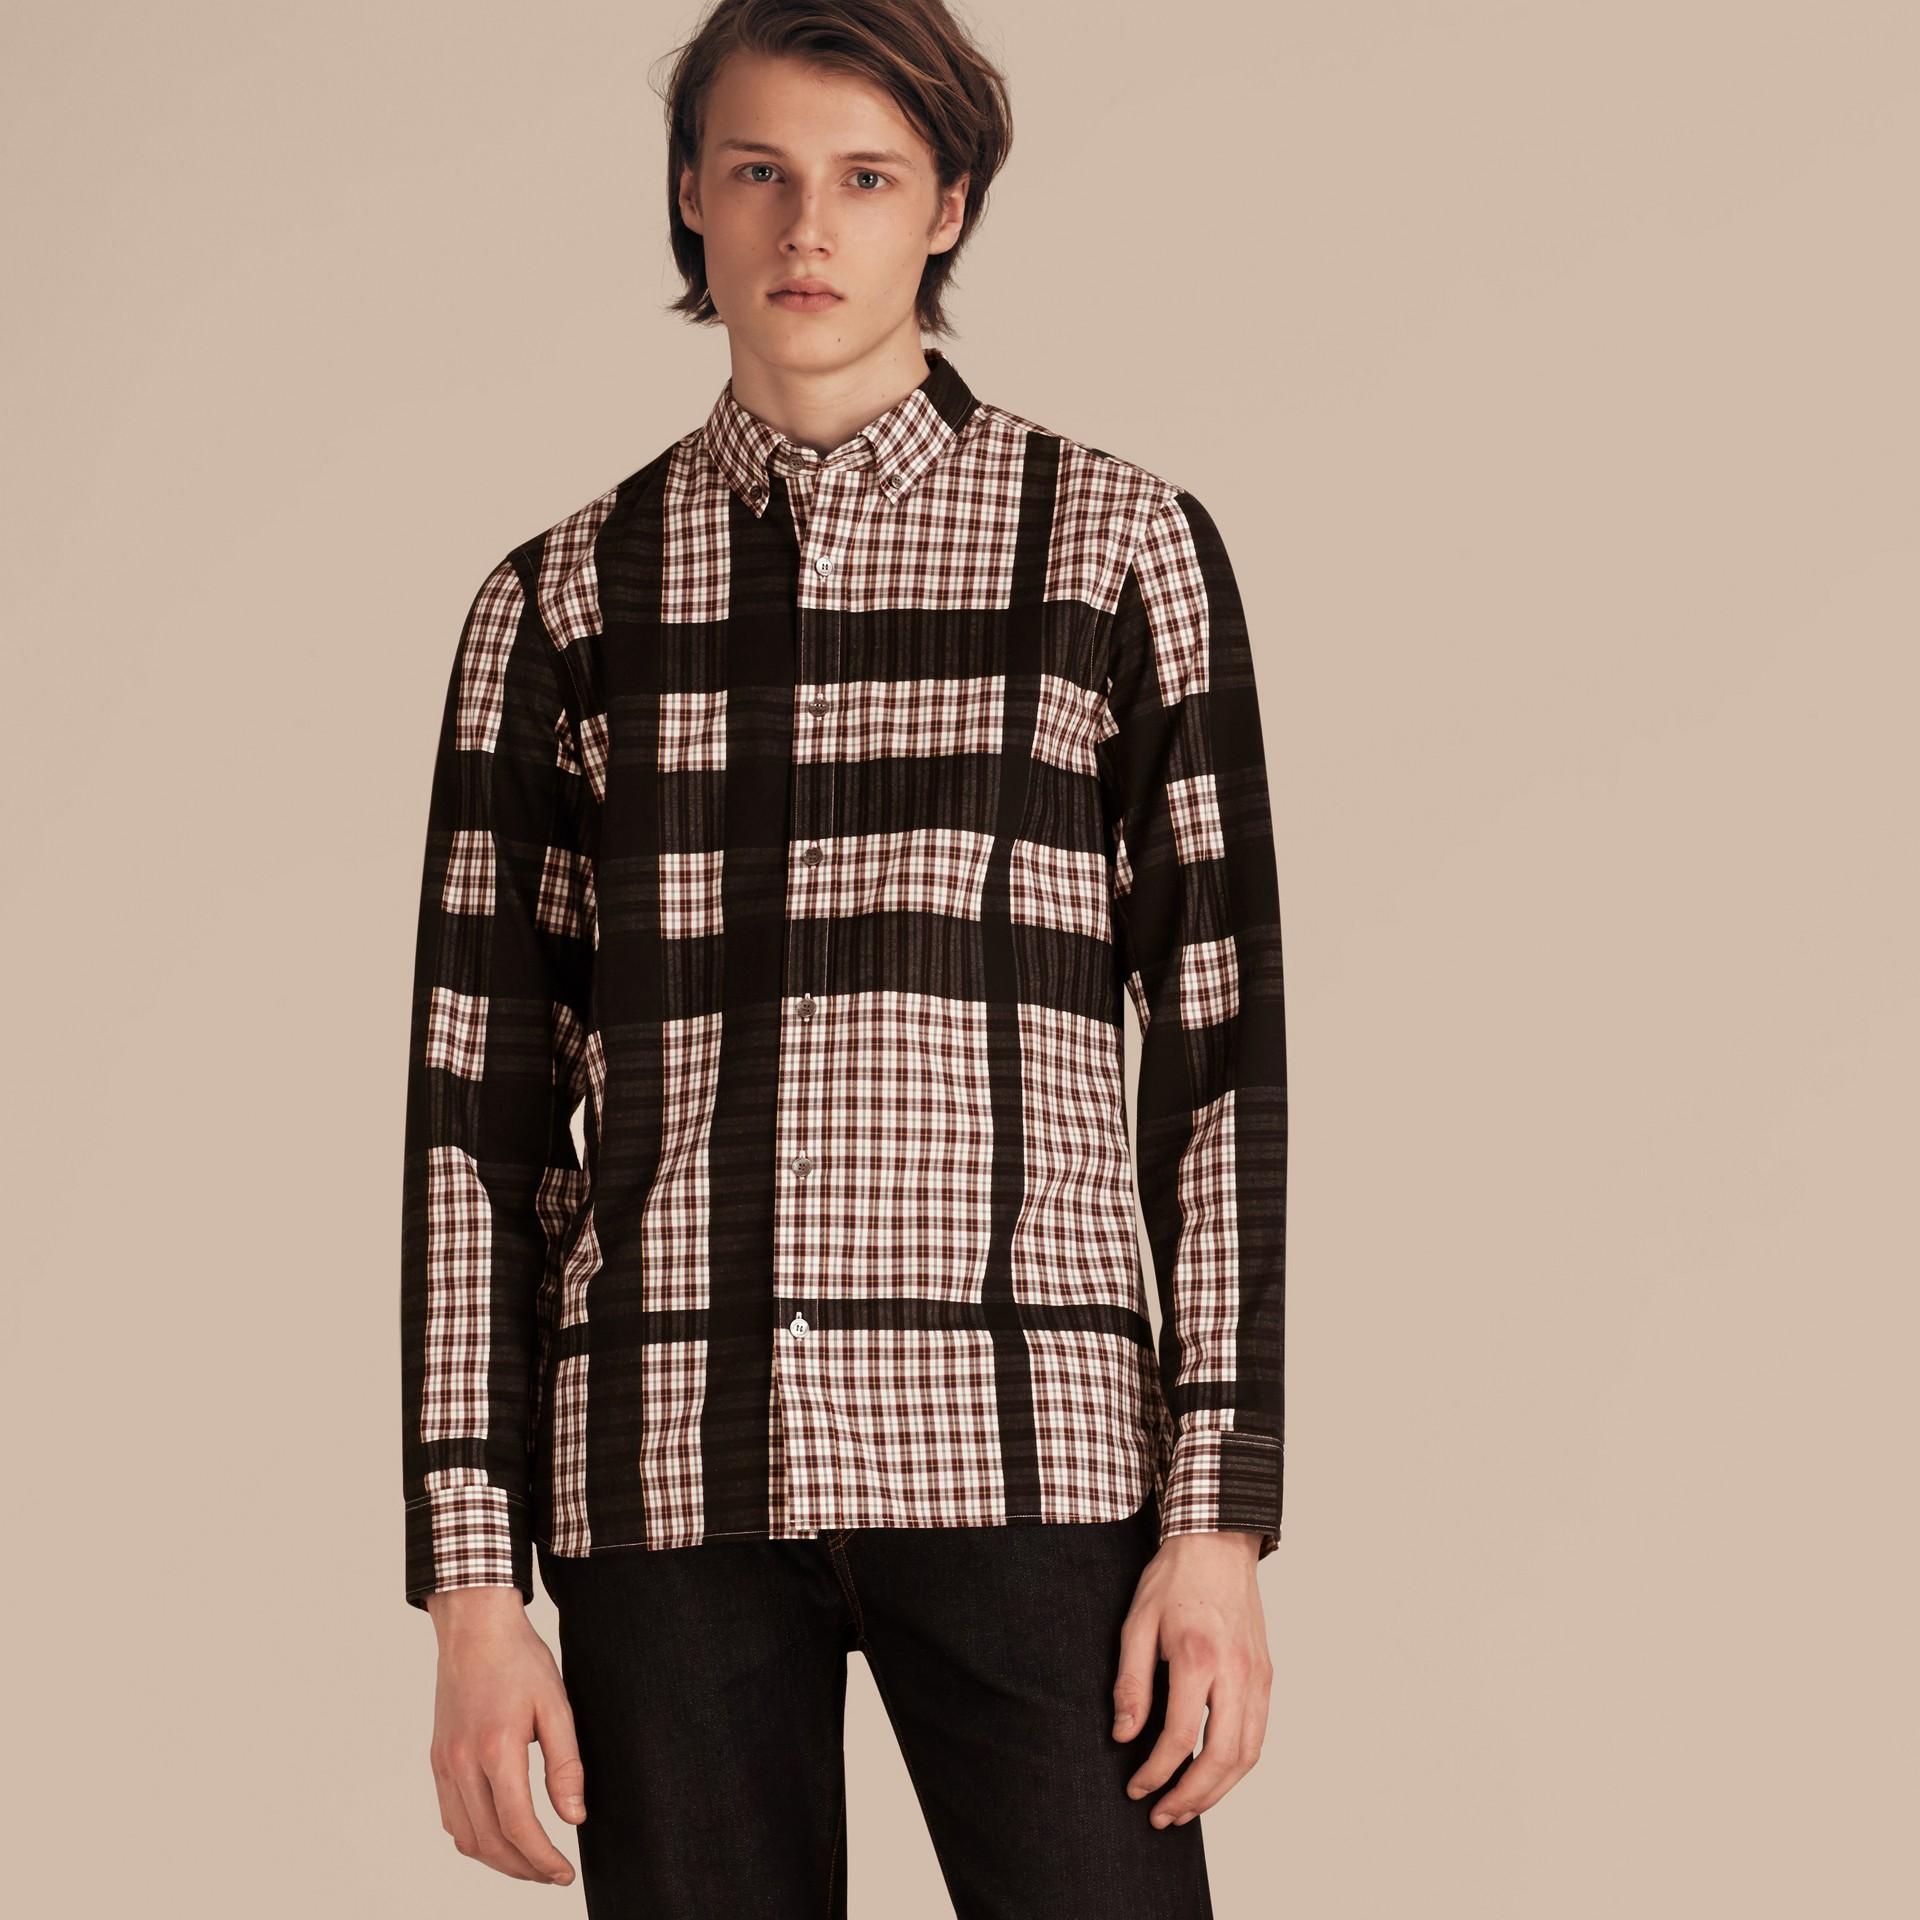 Burgundy red Camisa de flanela algodão com estampa xadrez em trama jacquard Burgundy Red - galeria de imagens 6